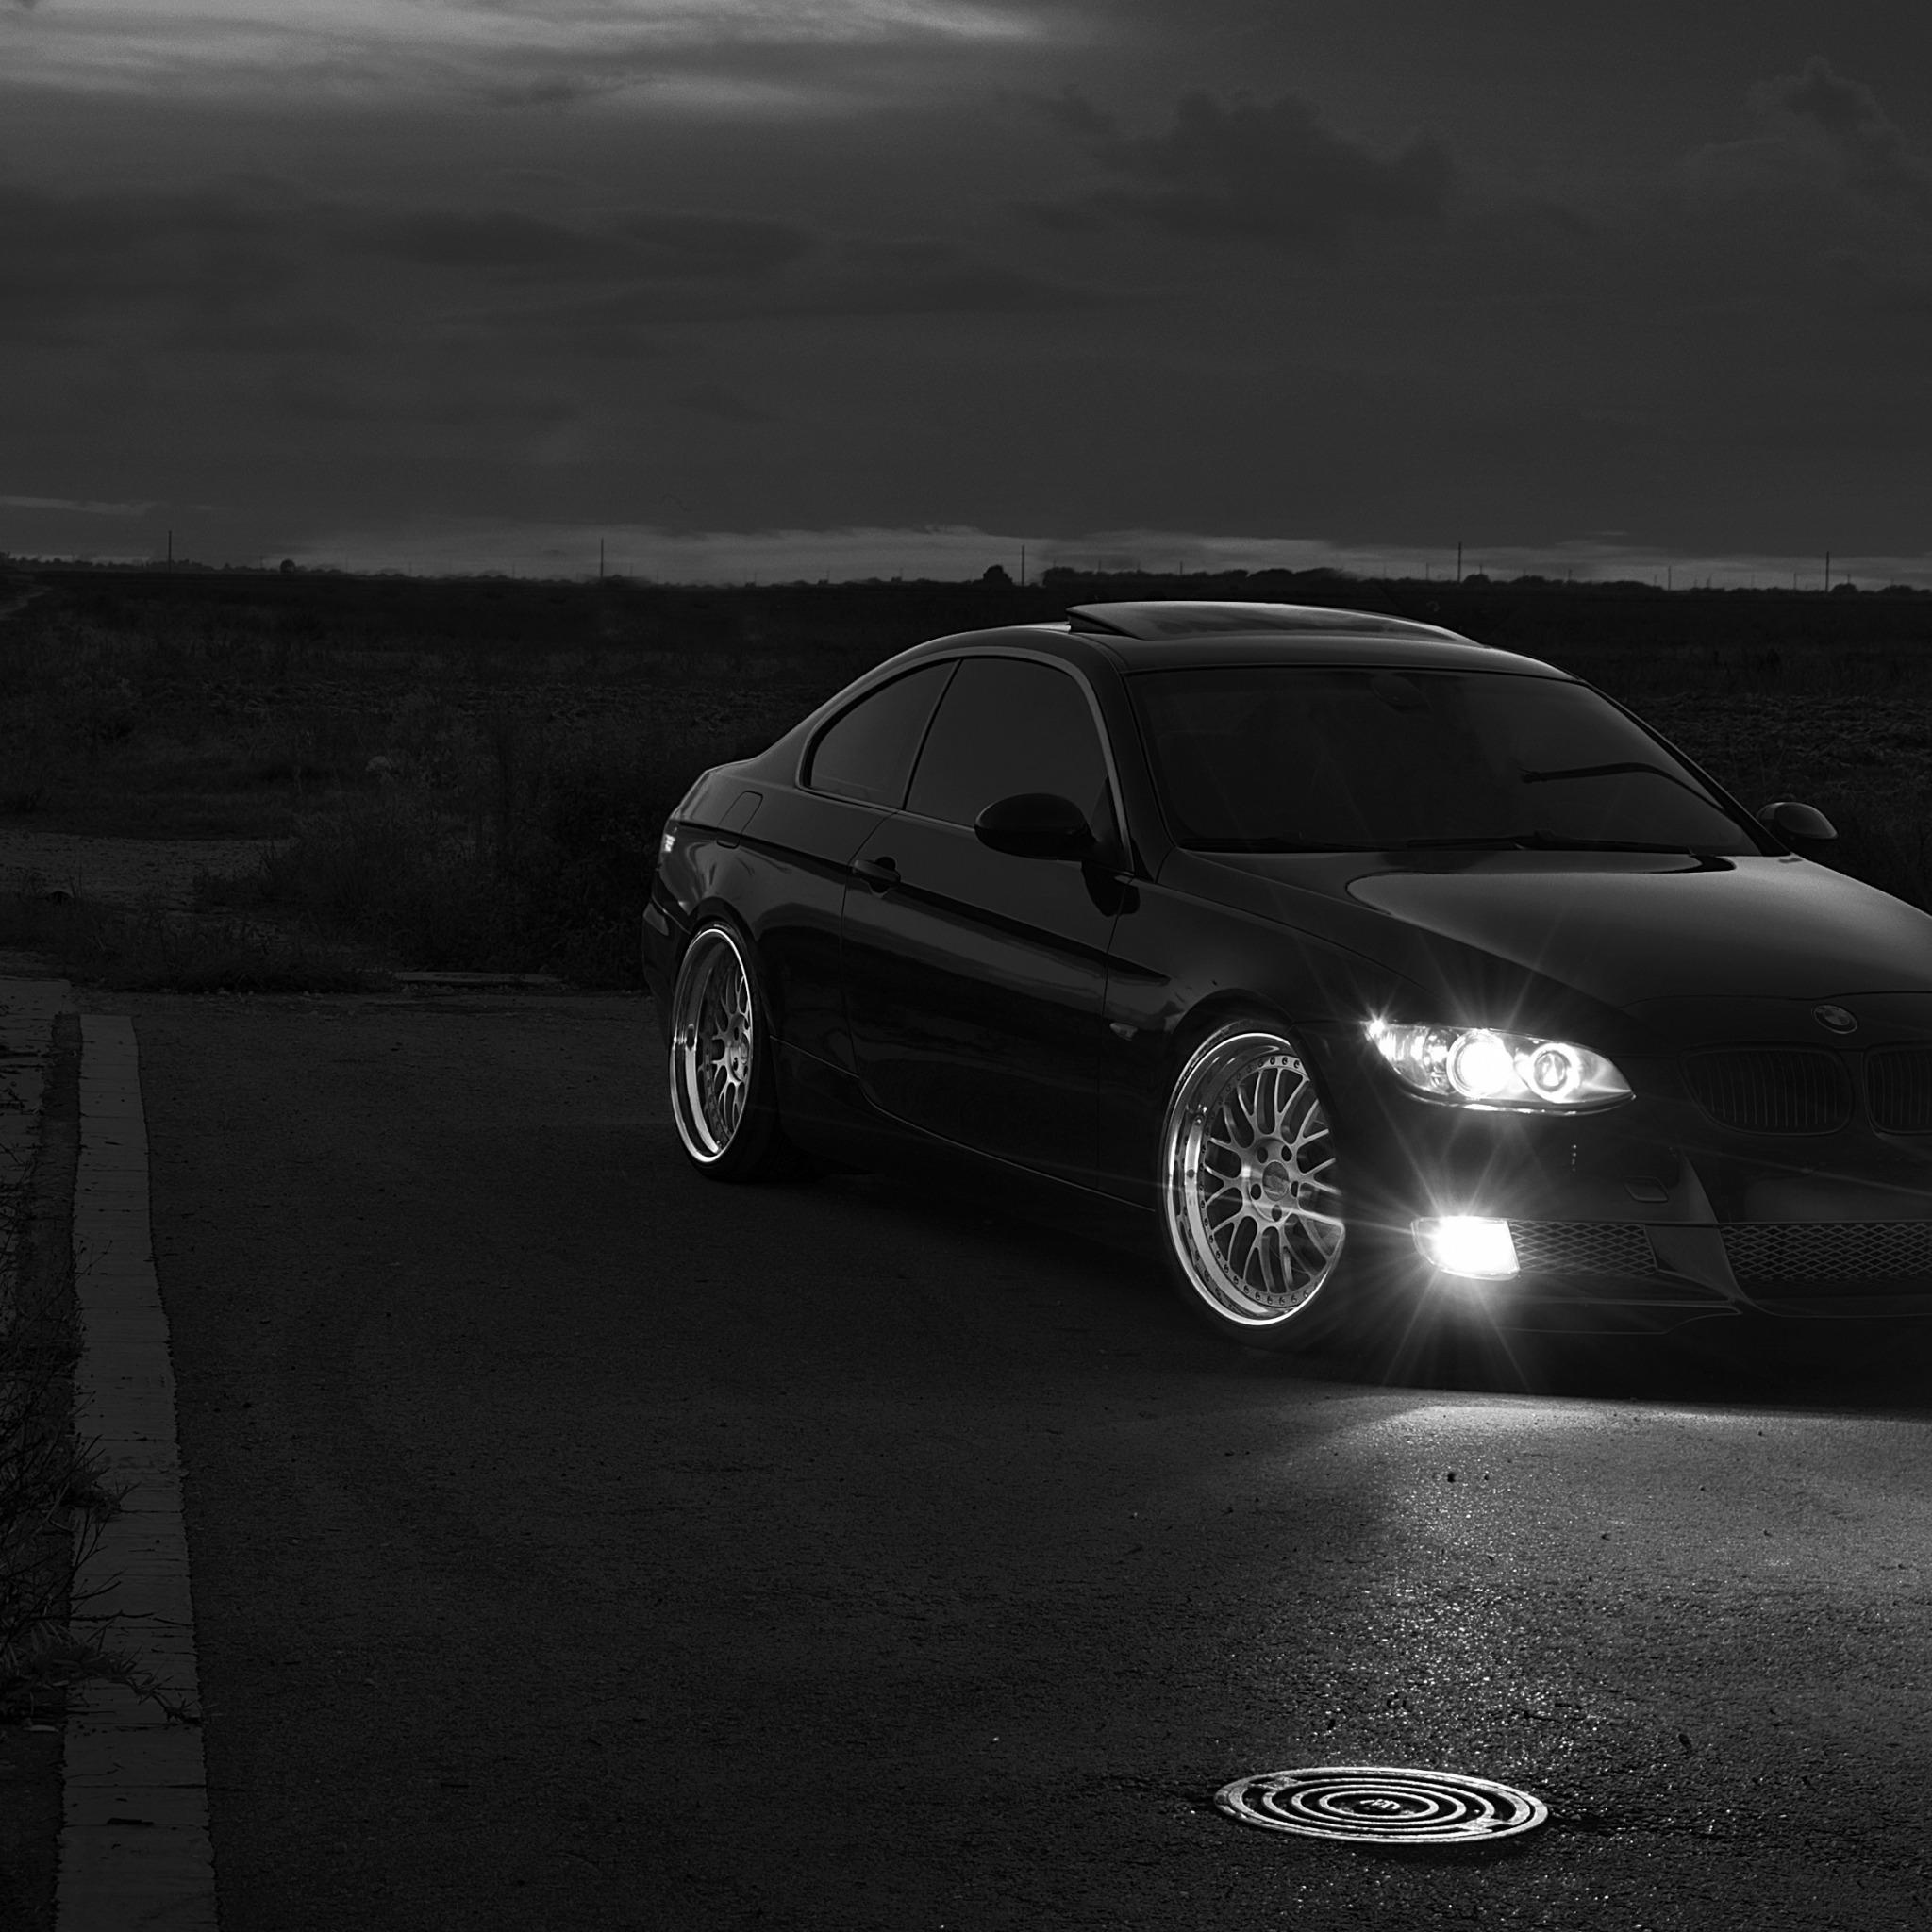 черно-бело фото BMW  № 2422725 бесплатно